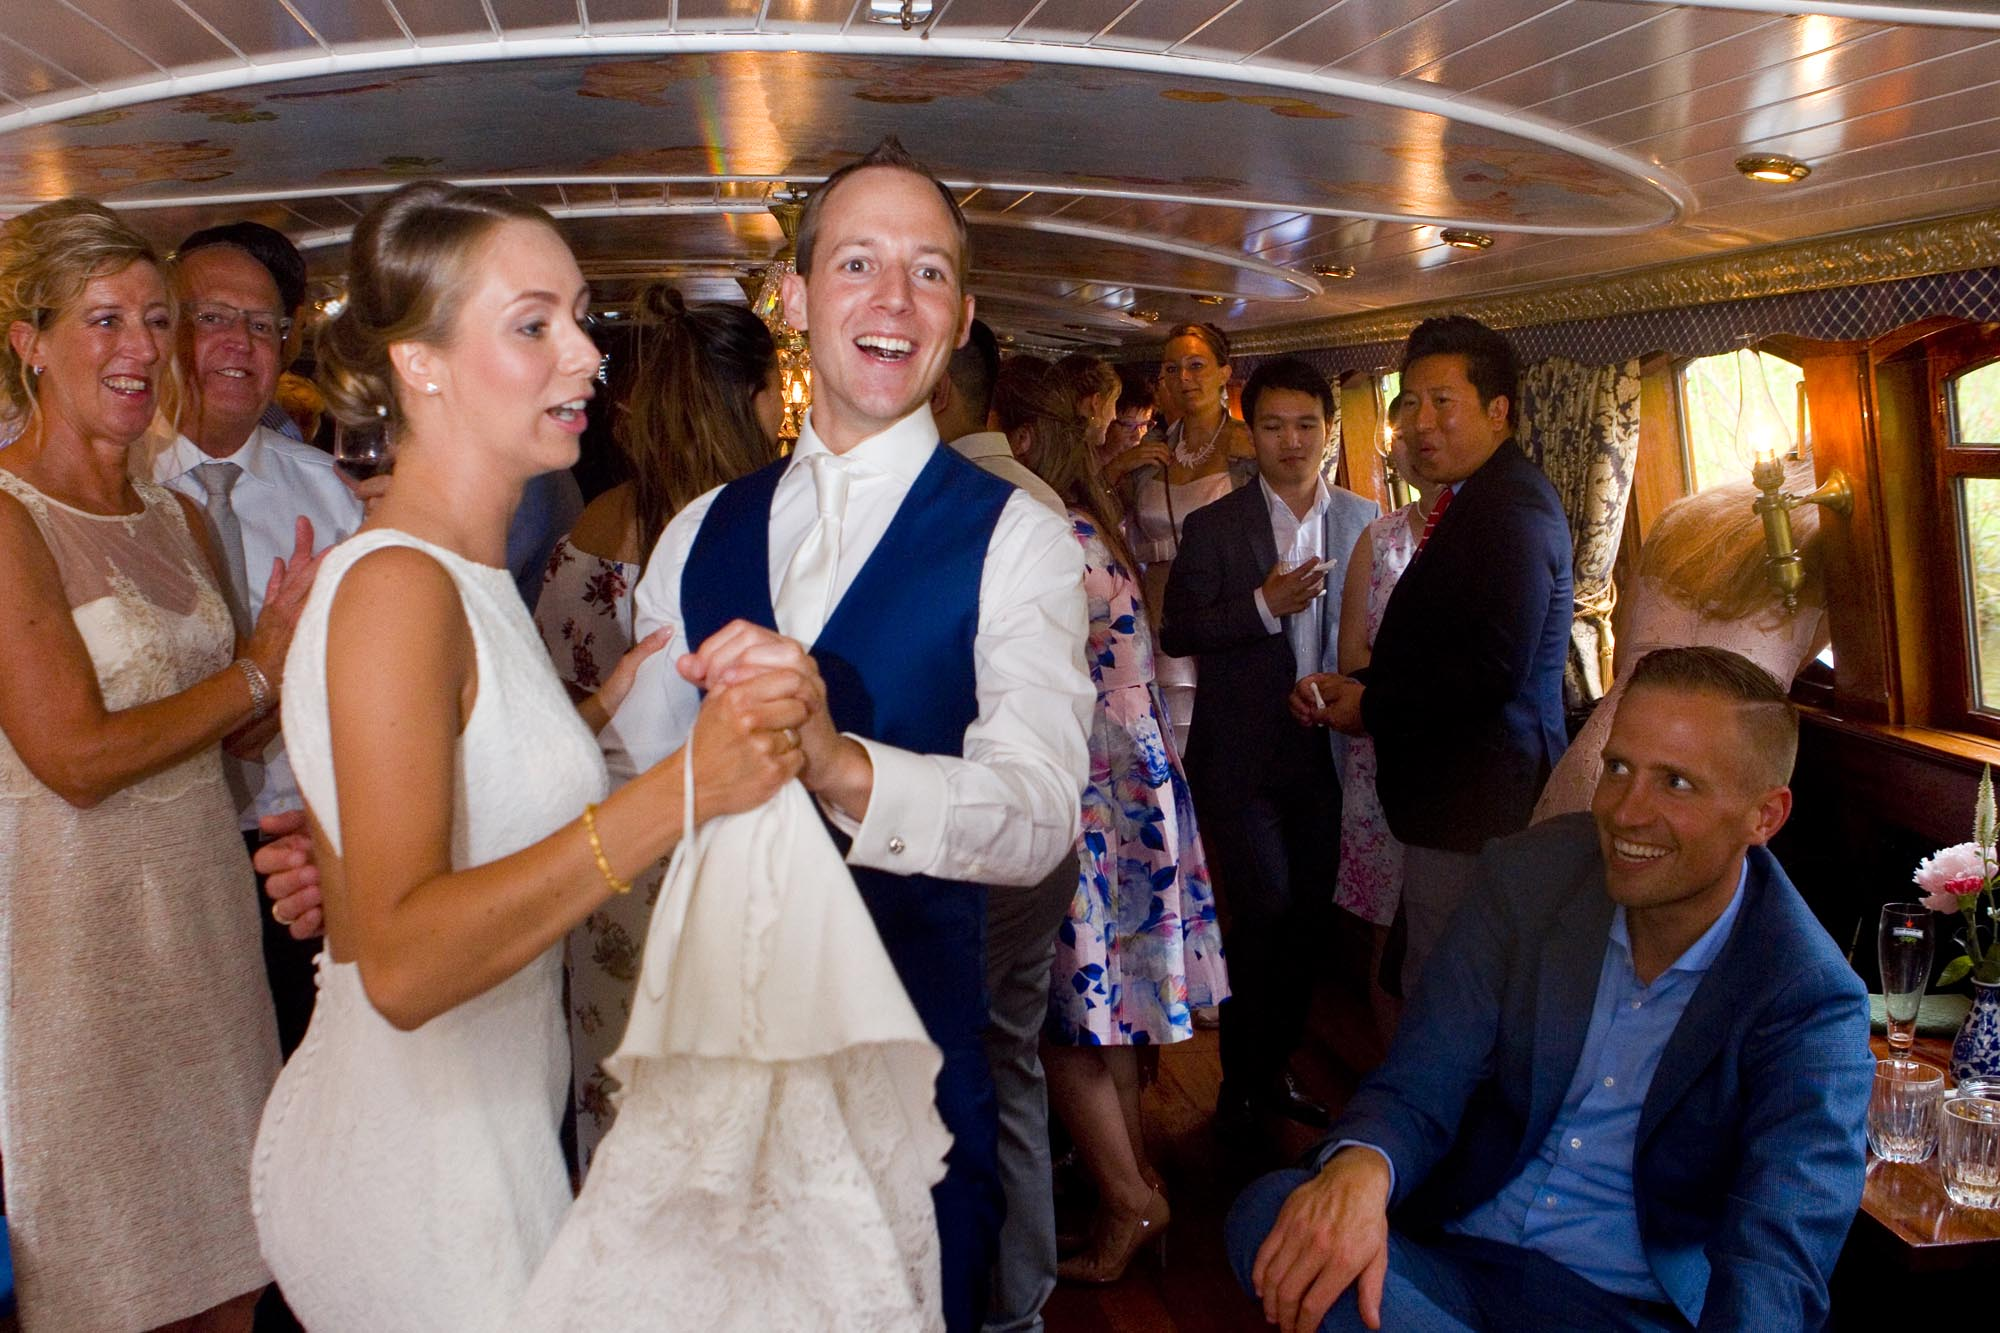 Bruidsfotografie bruiloft dans bruidspaar trouwfeest salonboot boottocht Amsterdam